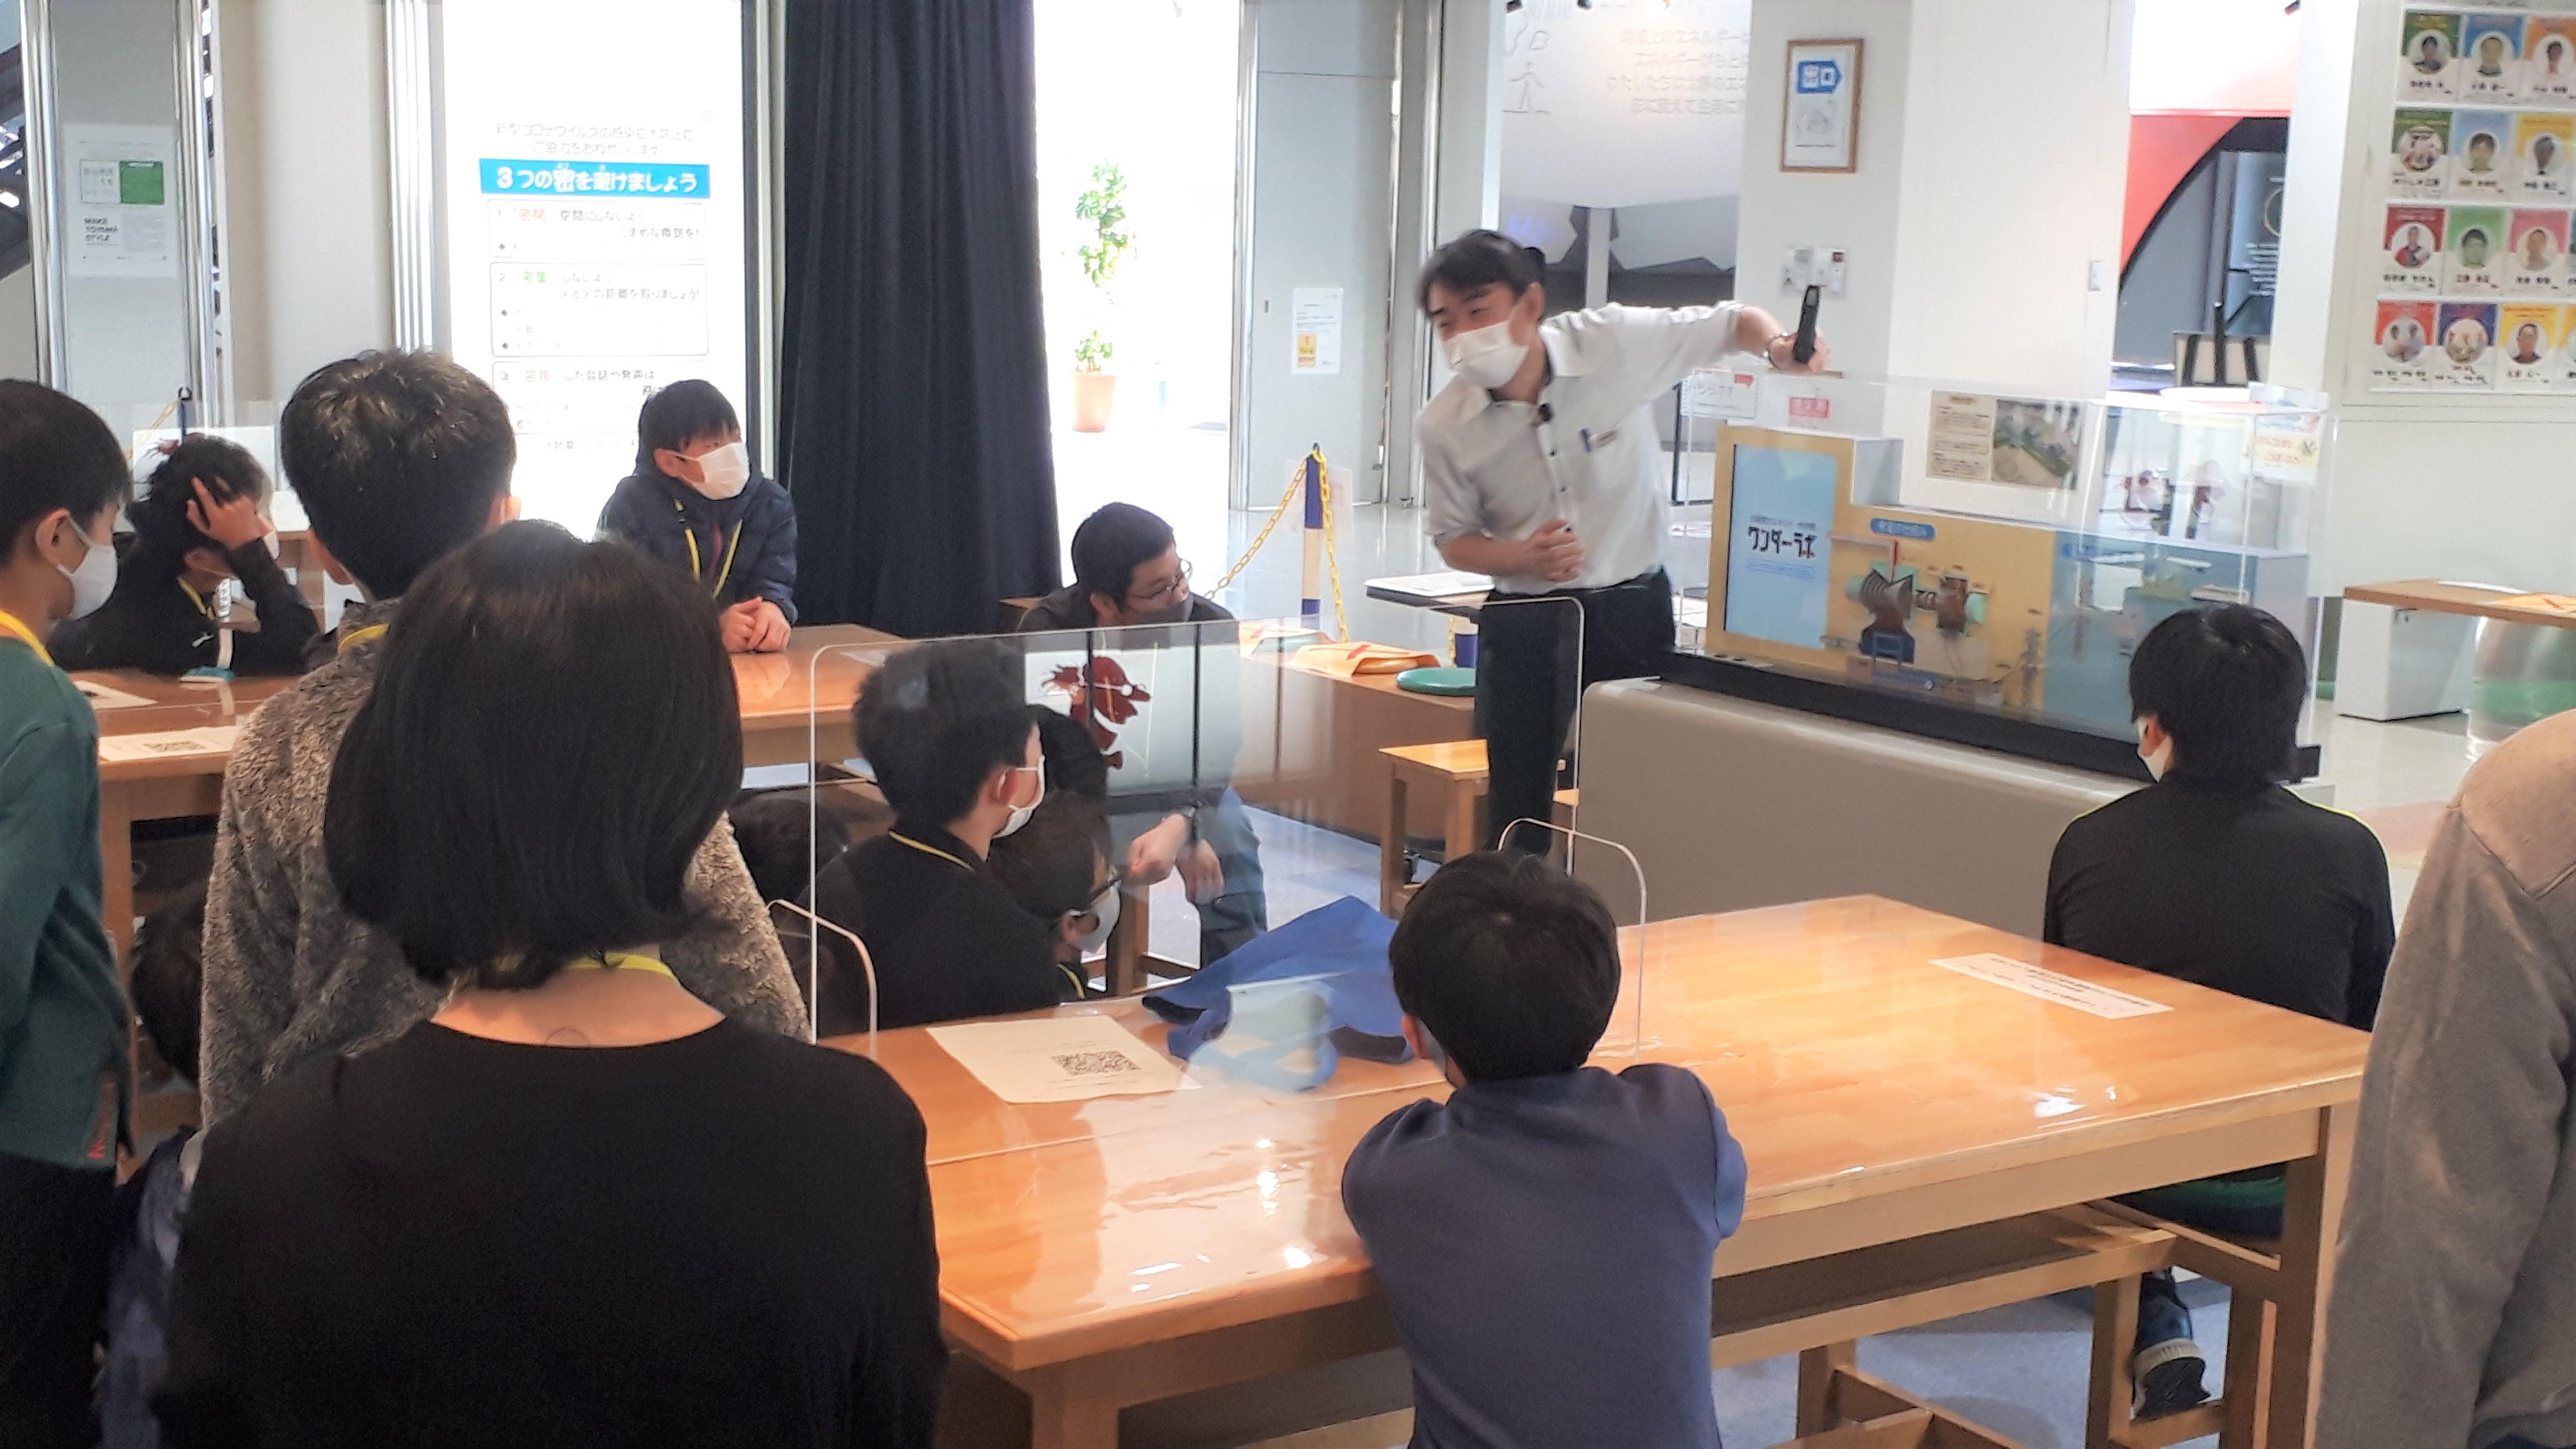 富山高専ジュニアドクター育成塾『北陸電力エネルギー科学館ワンダー・ラボ実習』(A:小学生チーム)を実施しました。